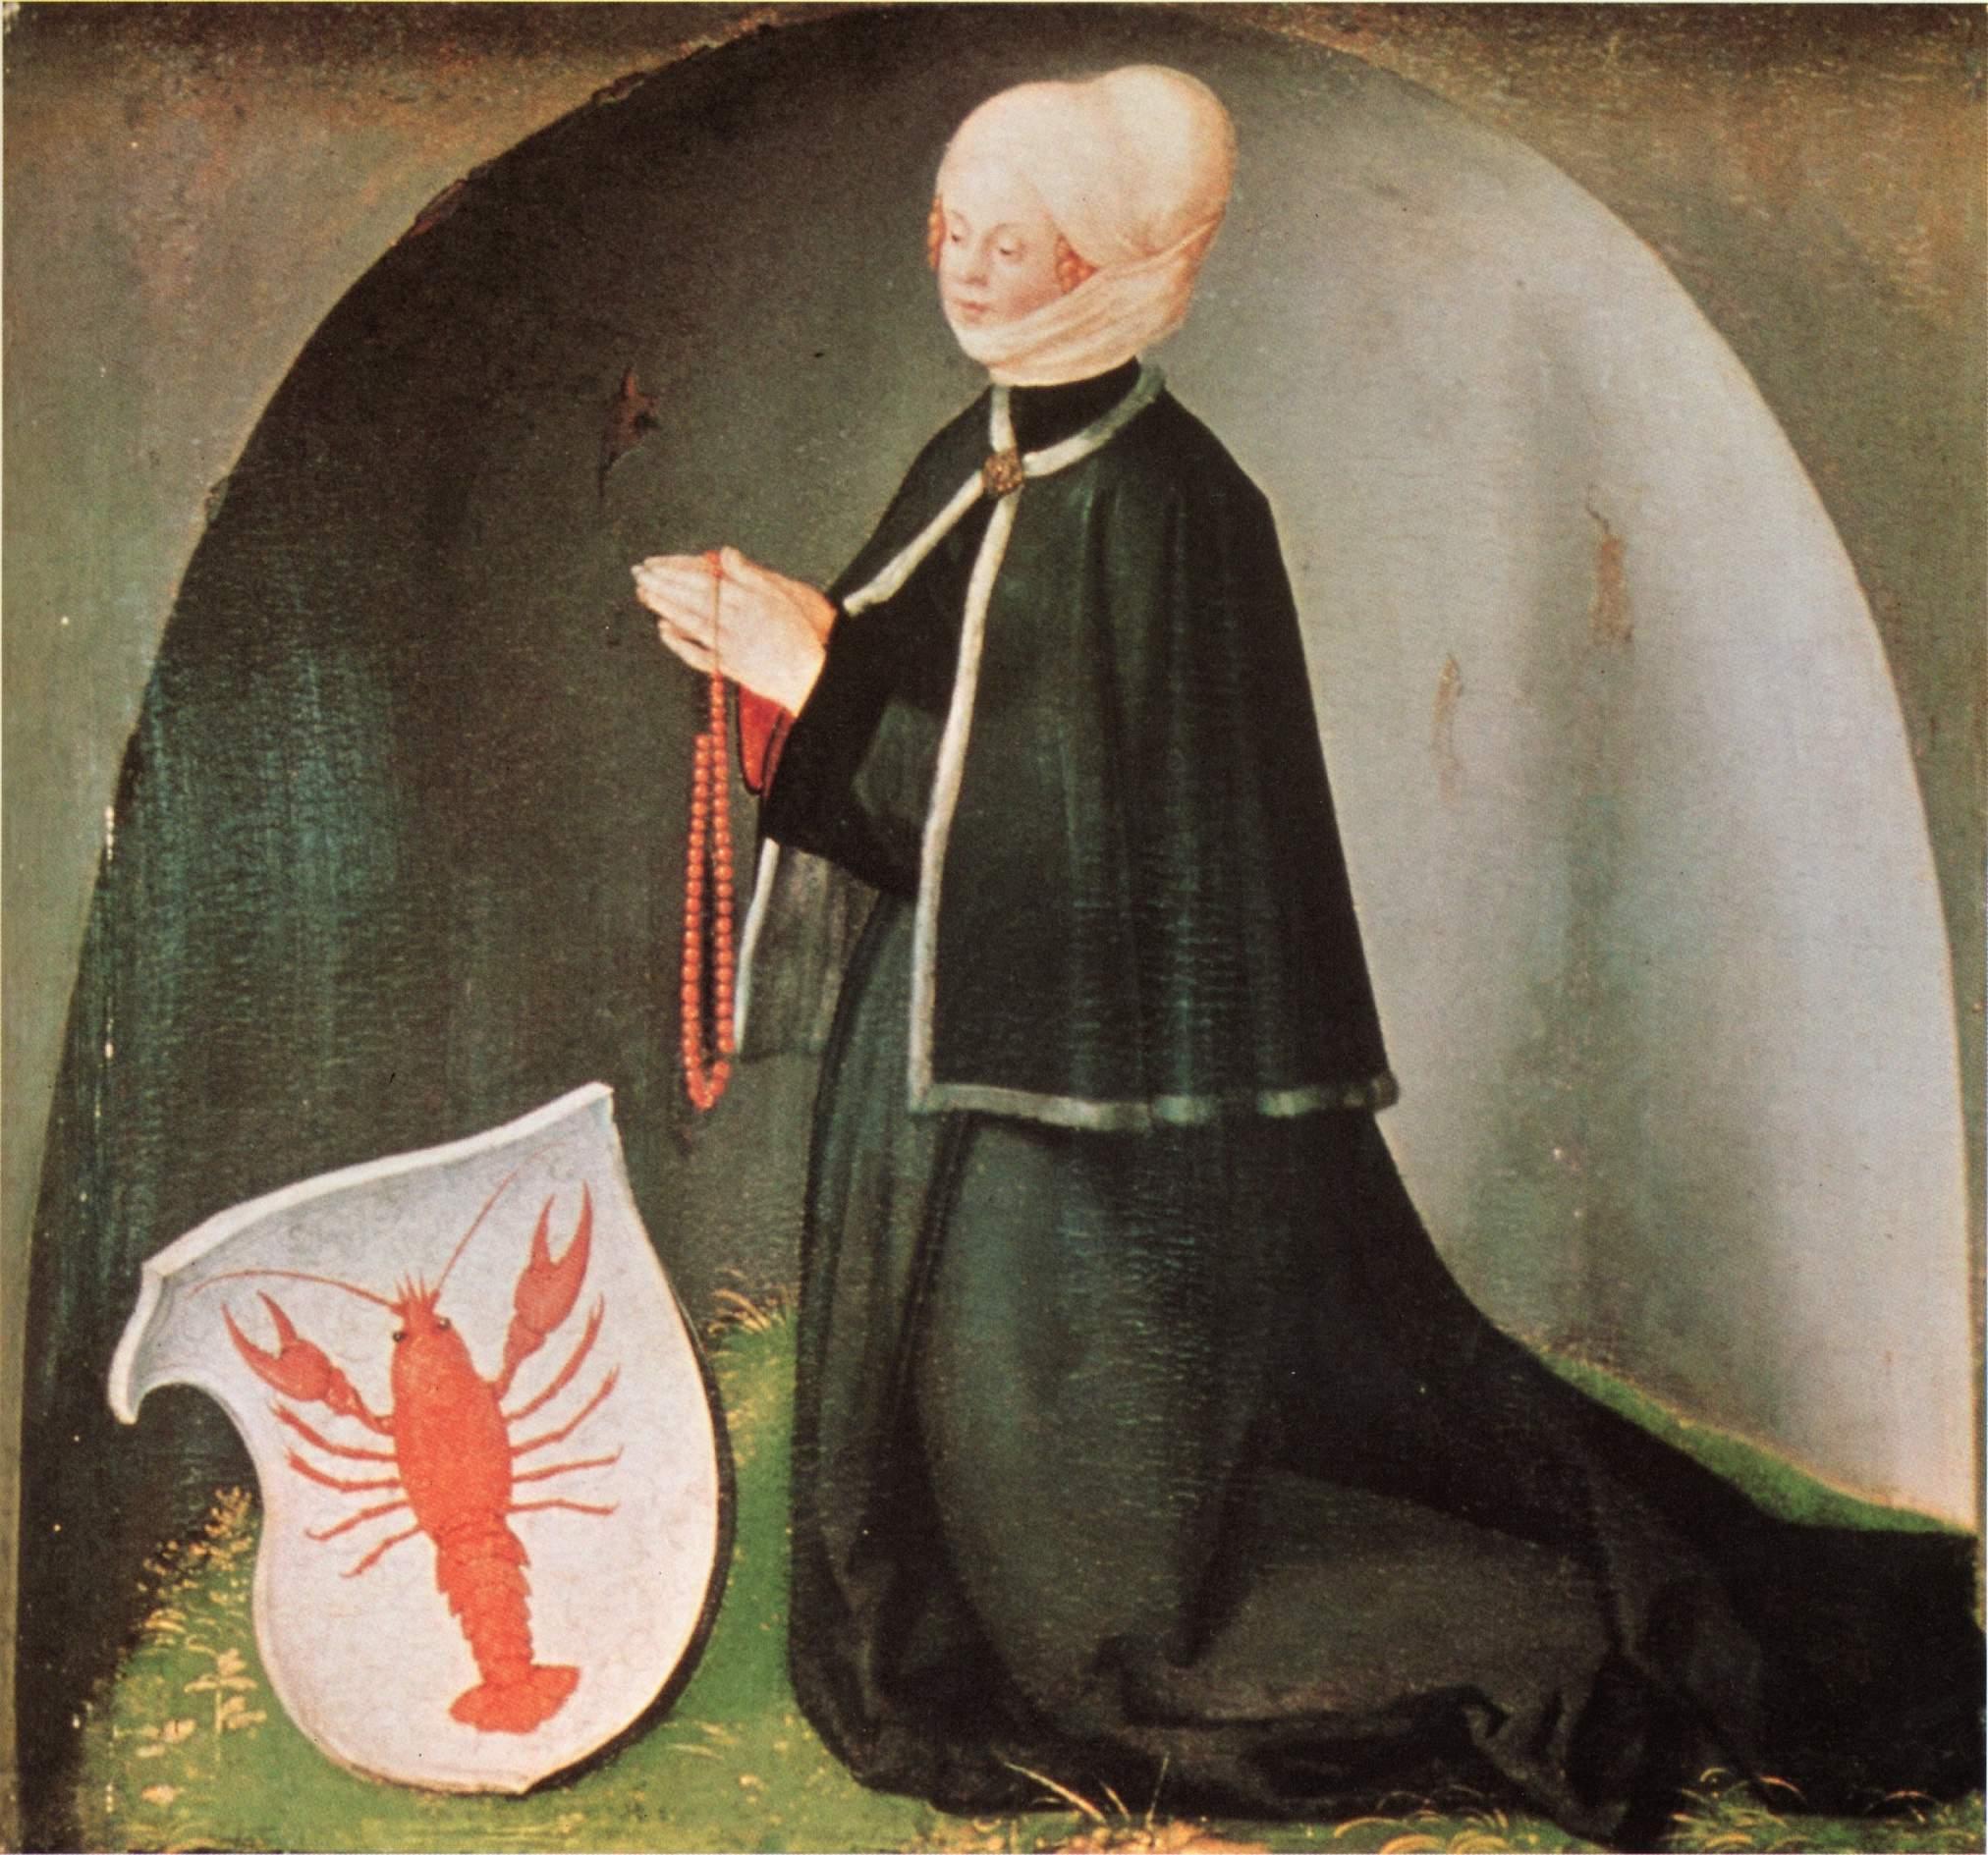 Алтарь Геллера, нижняя часть правой створки  Заказчица Екатерина Геллер, урожденная фон Мелем, с гер, Альбрехт Дюрер